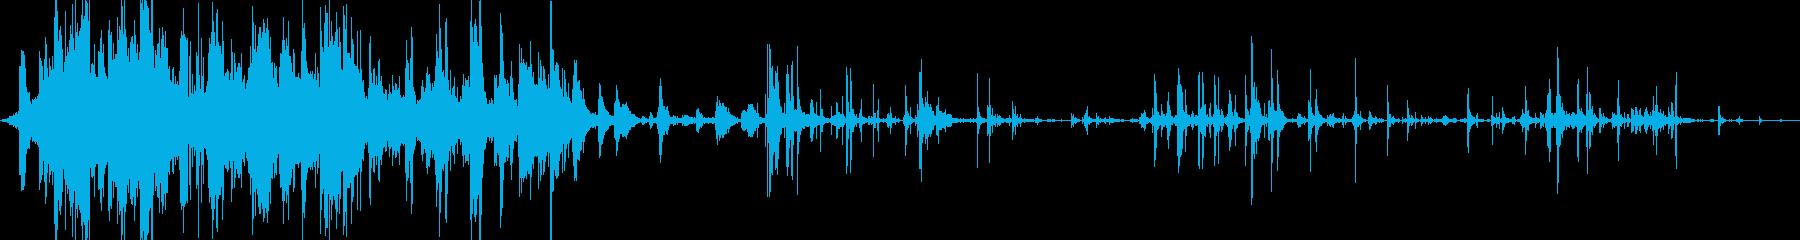 地震時の内部での破片の落下と衝突。の再生済みの波形